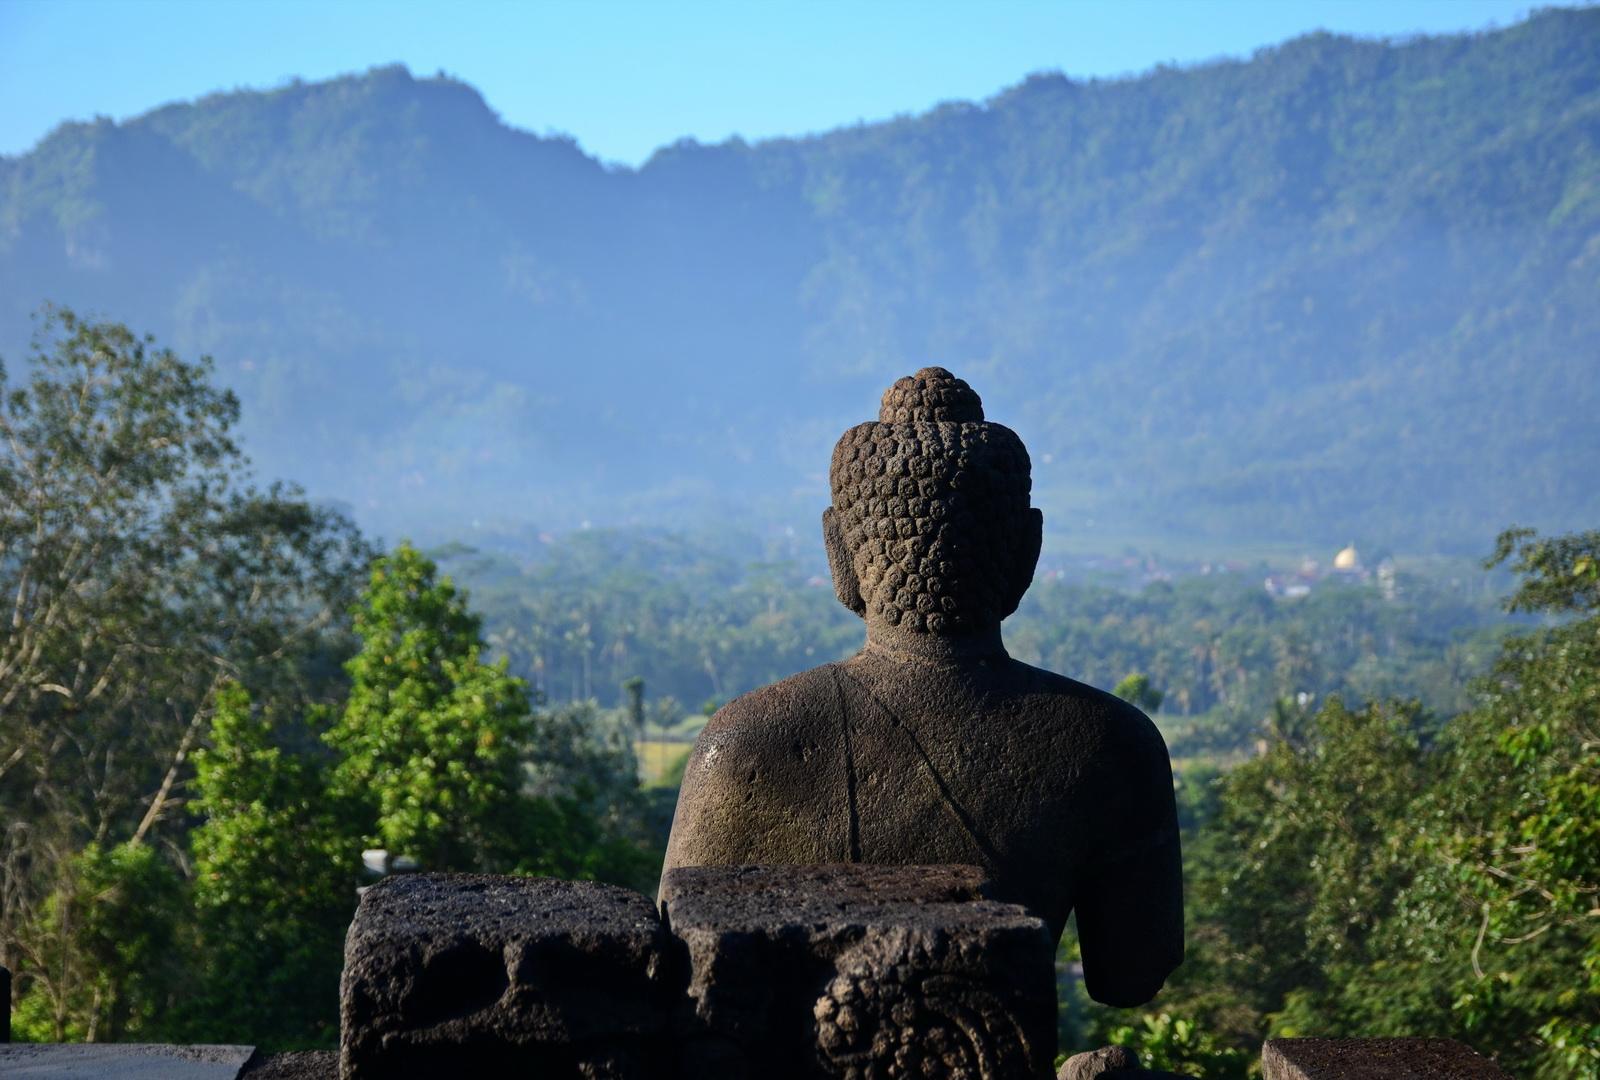 Indonesia, Buddha image at Borobudur